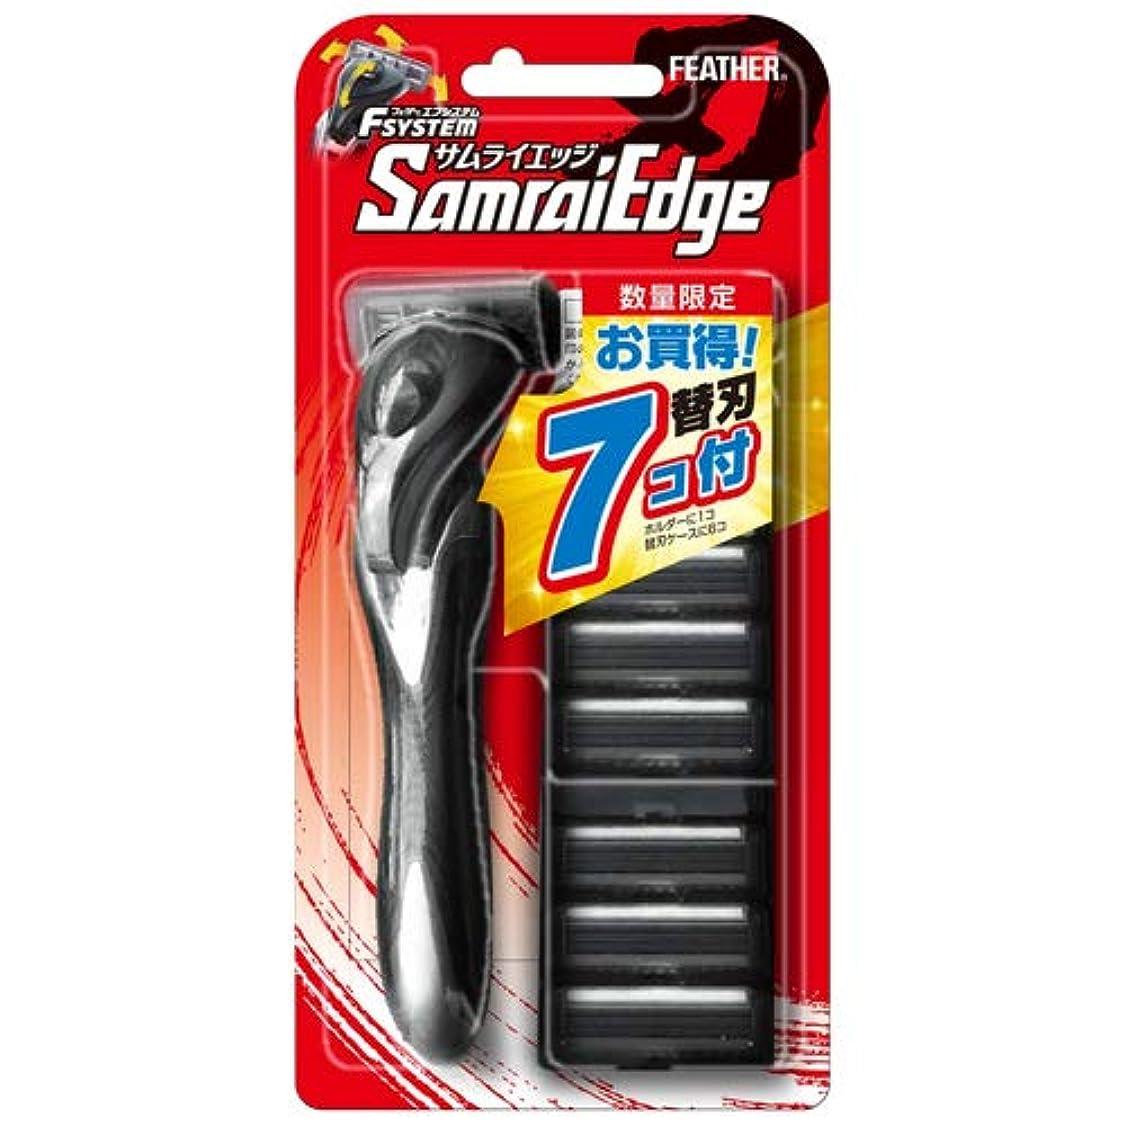 陽気なランドリー座標フェザー安全剃刀 サムライエッジ 替刃 7コ付き バリューパック セット 1本+替刃7個